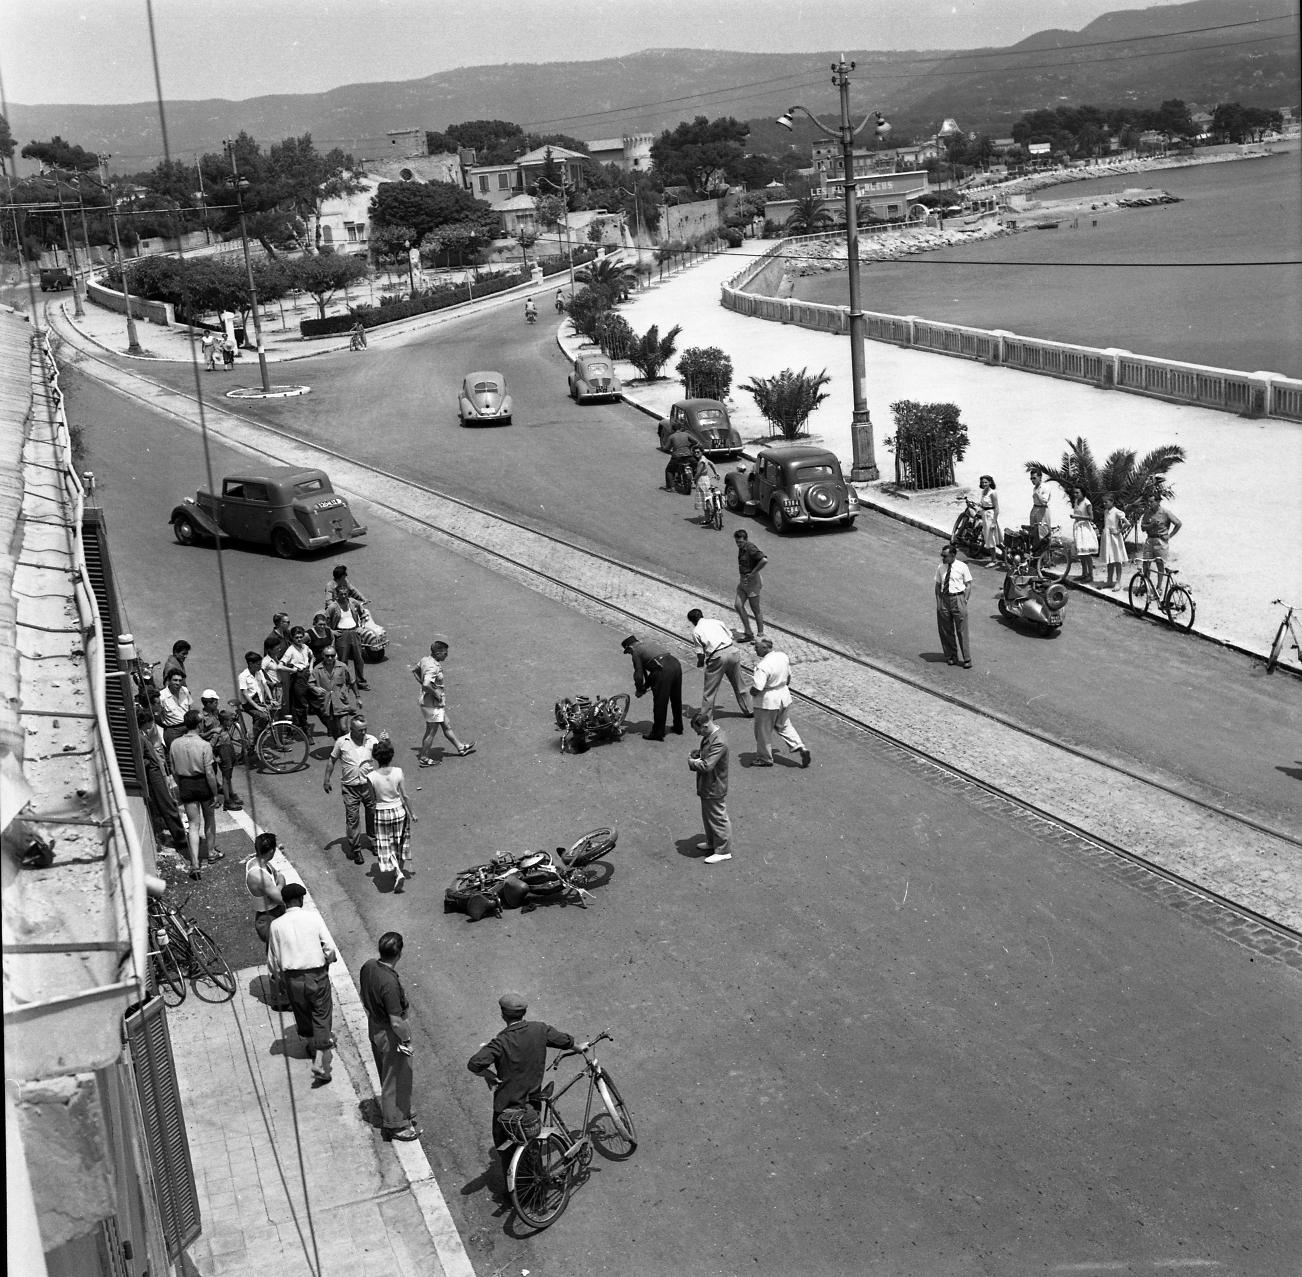 42Fi 0037 Accident de la circulation au « Lido », deux motos au sol. « Mais comment ont-ils fait » se demandent les passants ? 9/07/1953